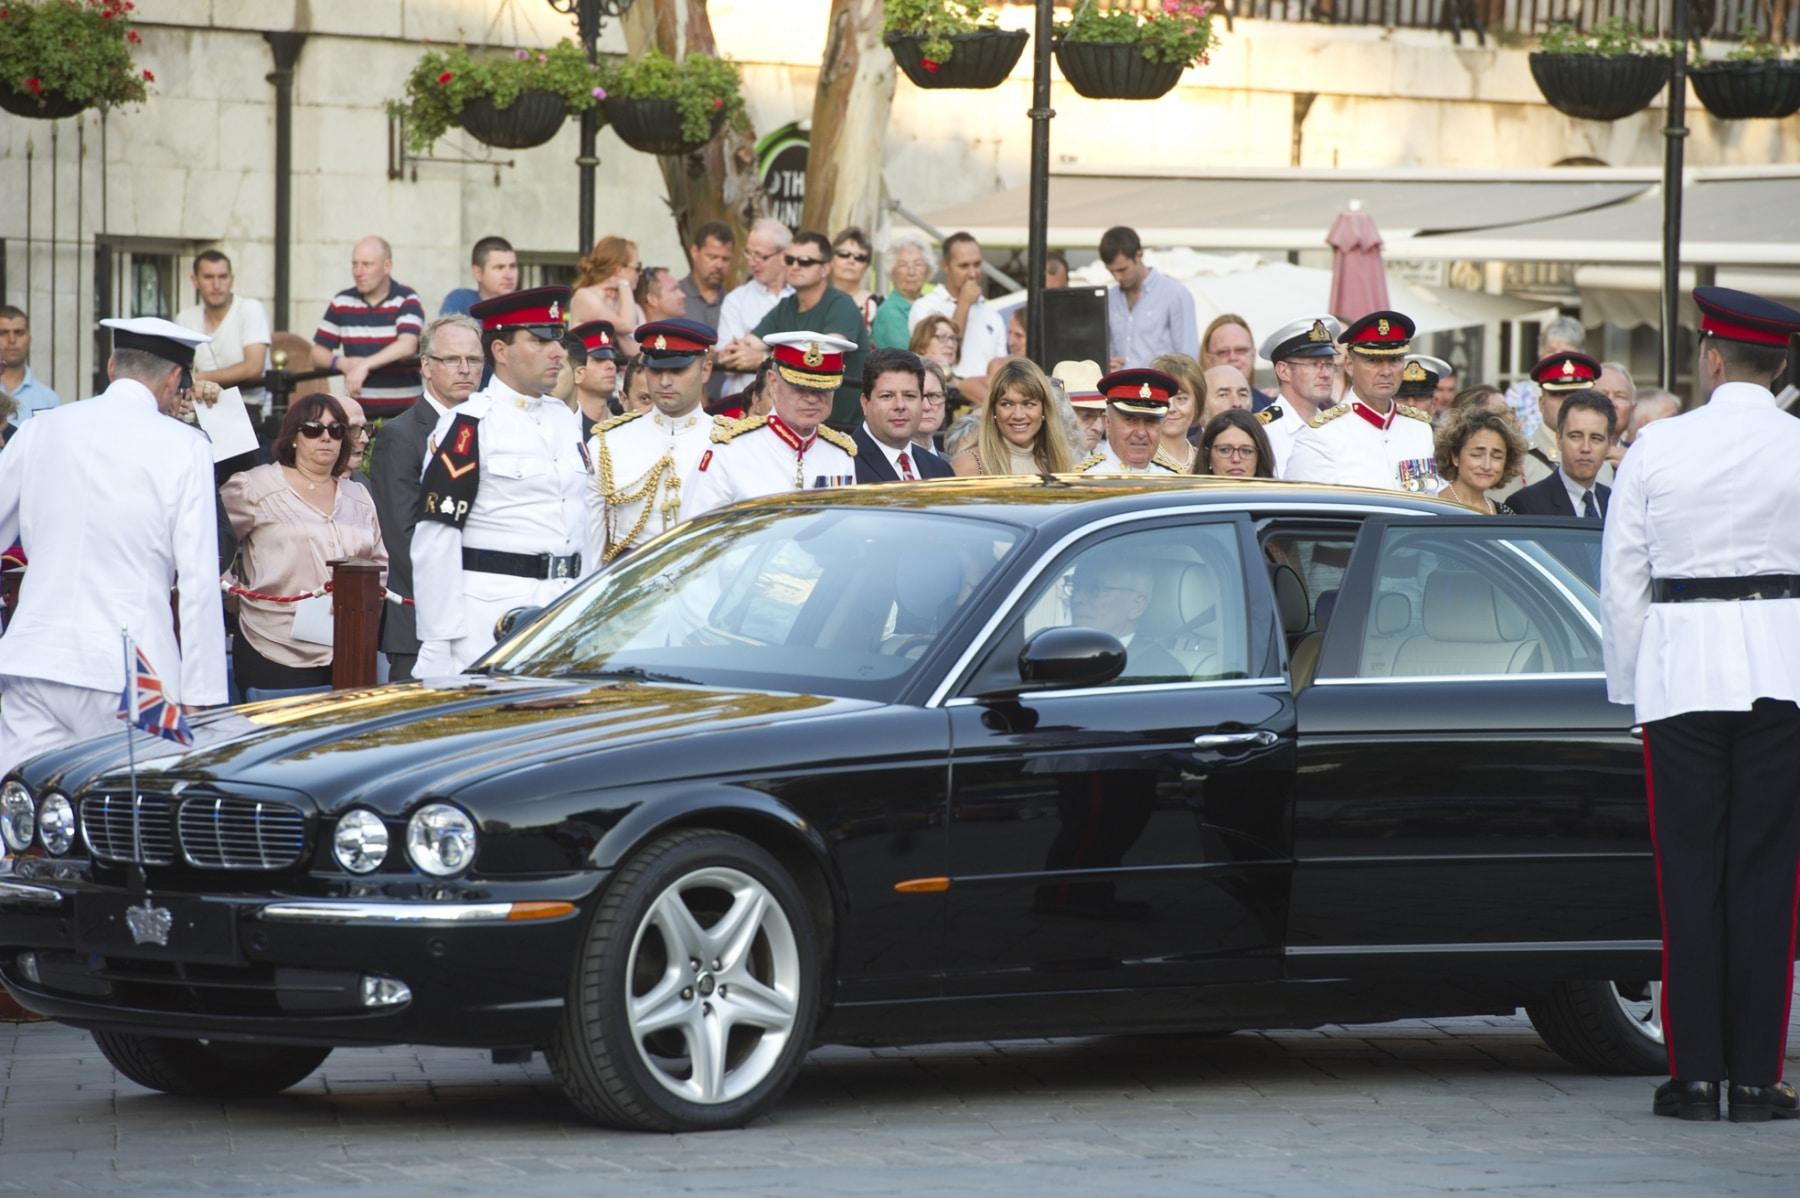 ceremonia-de-las-llaves-gibraltar-25092014-21_15354665631_o